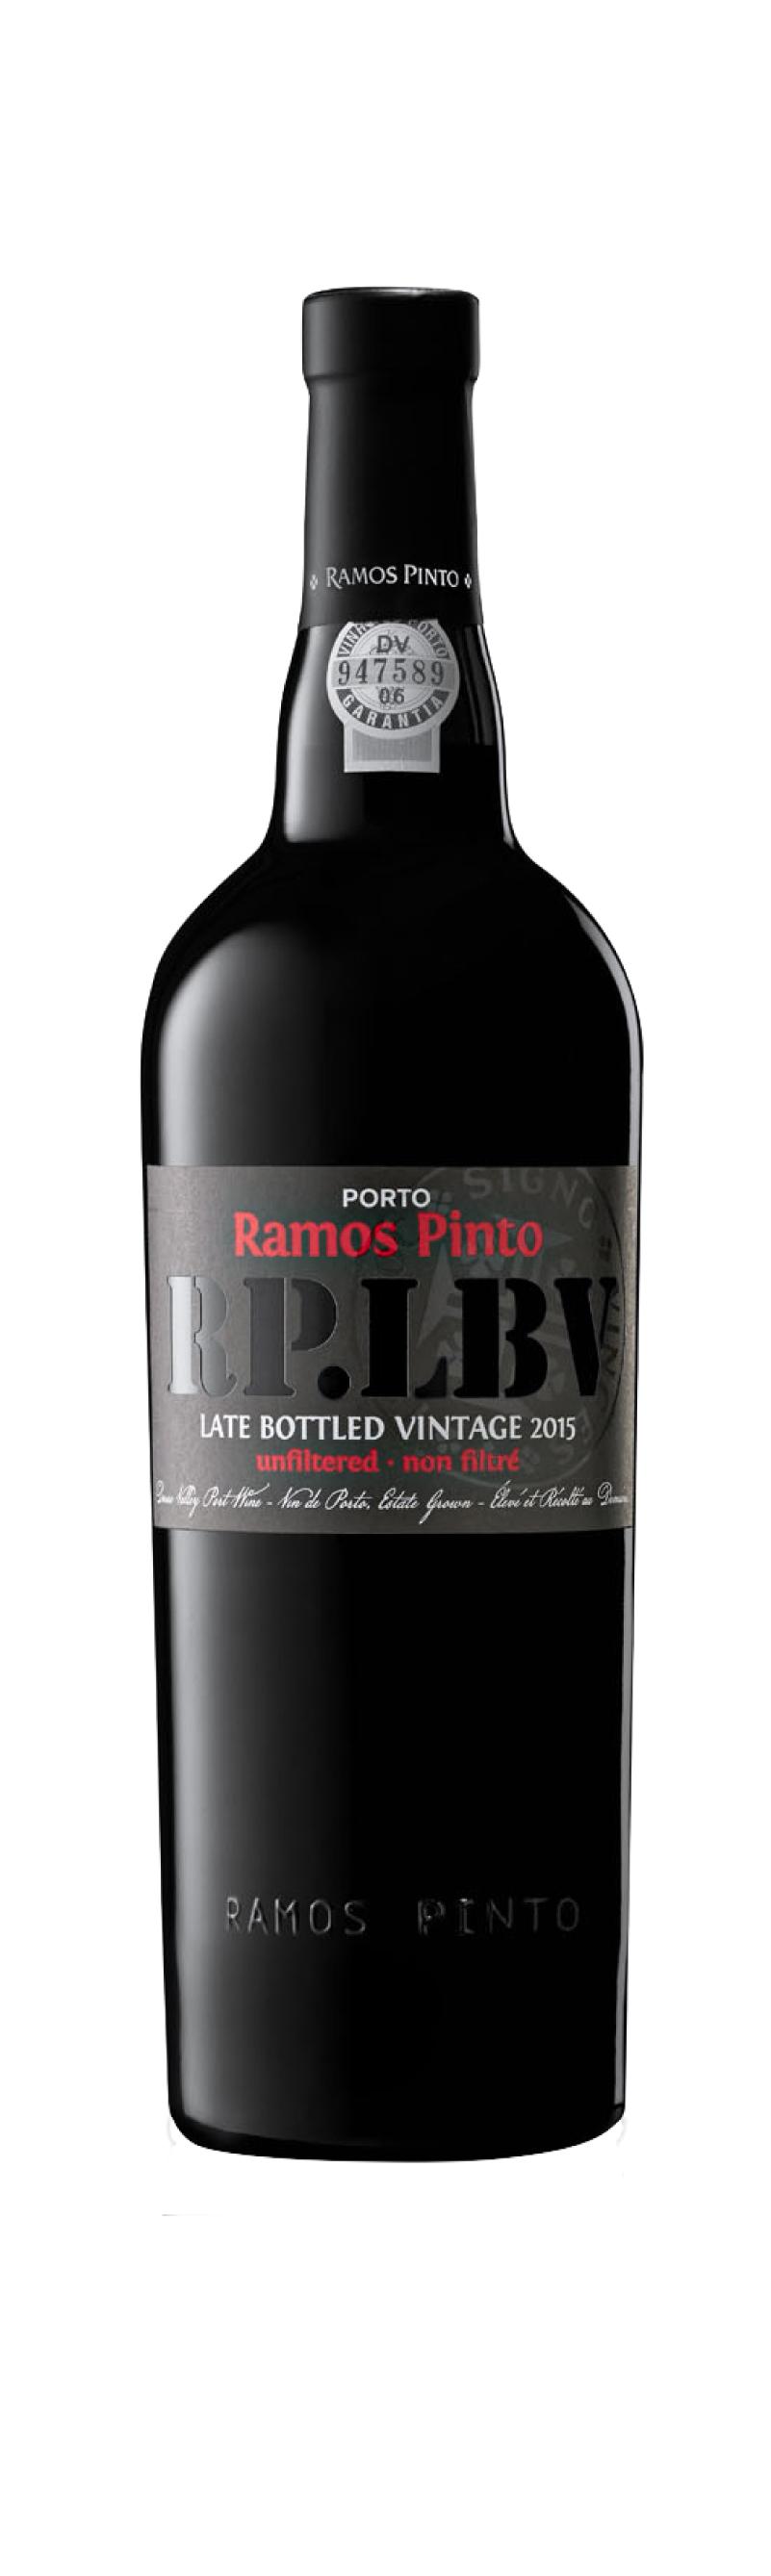 Late Bottled Vintage 2015